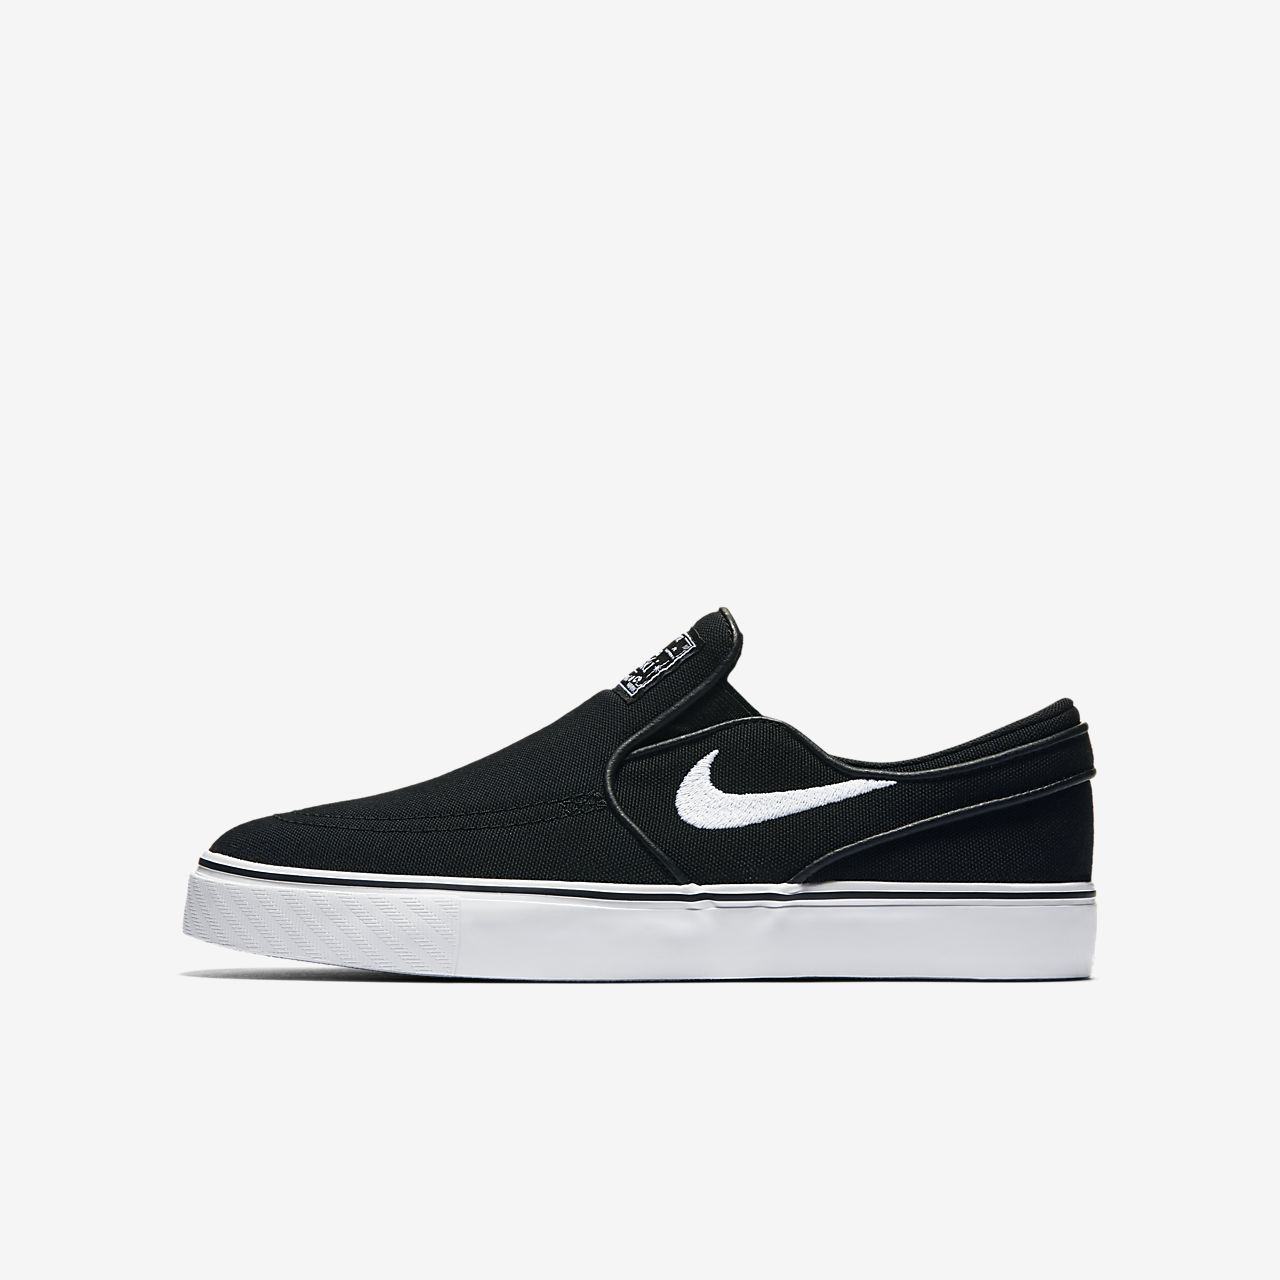 รองเท้าสเก็ตบอร์ดเด็กโต Nike SB Stefan Janoski Canvas Slip-on